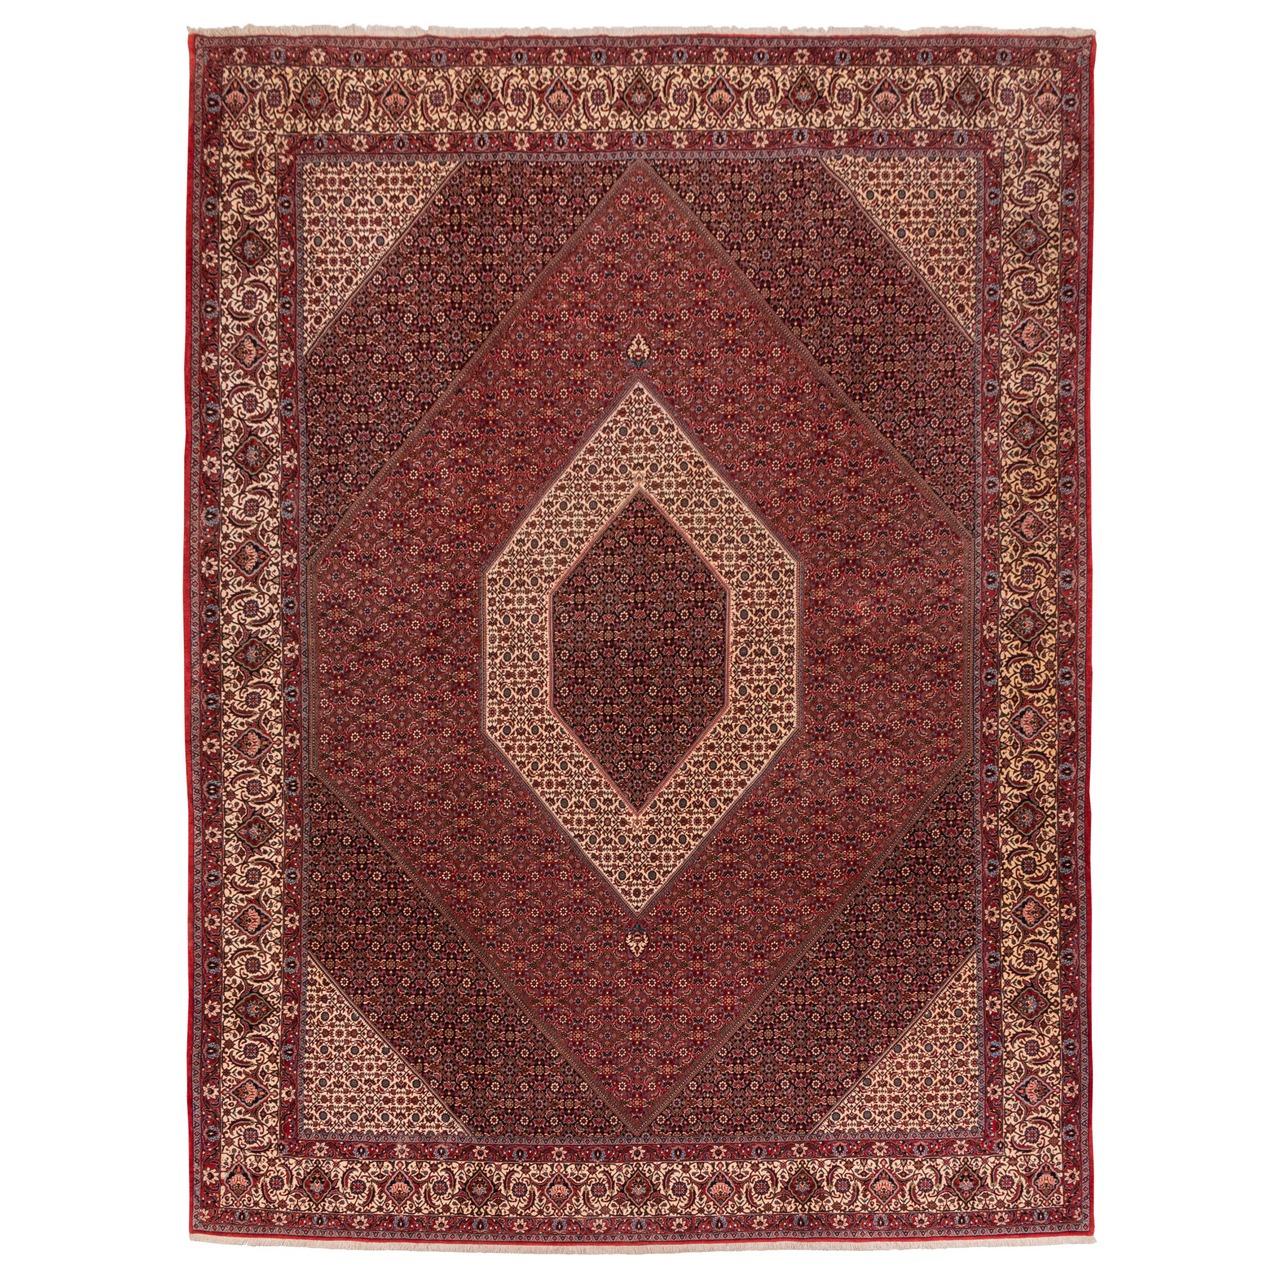 فرش دستباف دوازده متری سی پرشیا کد 187112